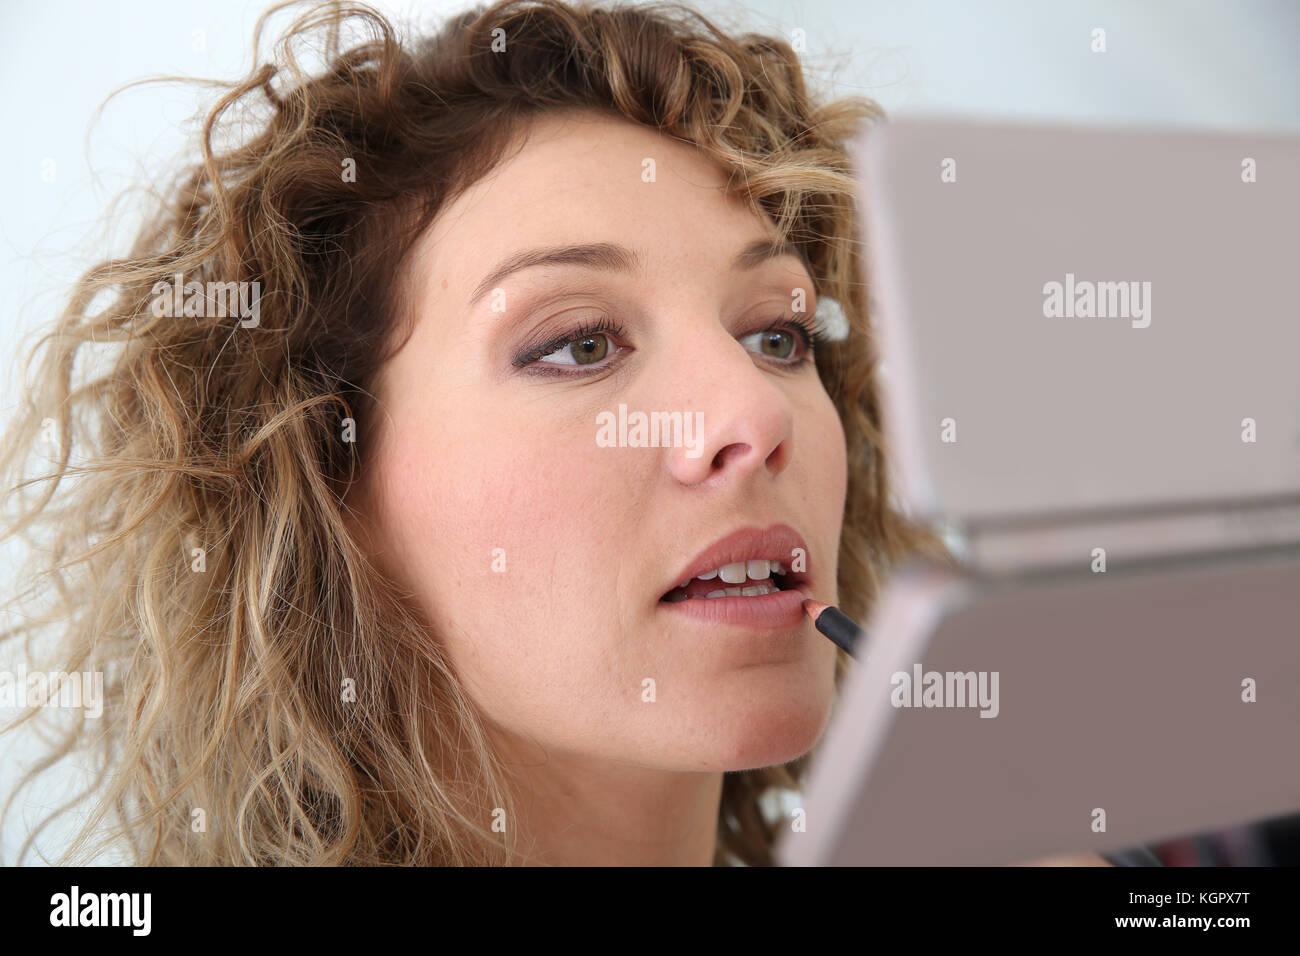 Mujer aplicar maquillaje en los labios Imagen De Stock